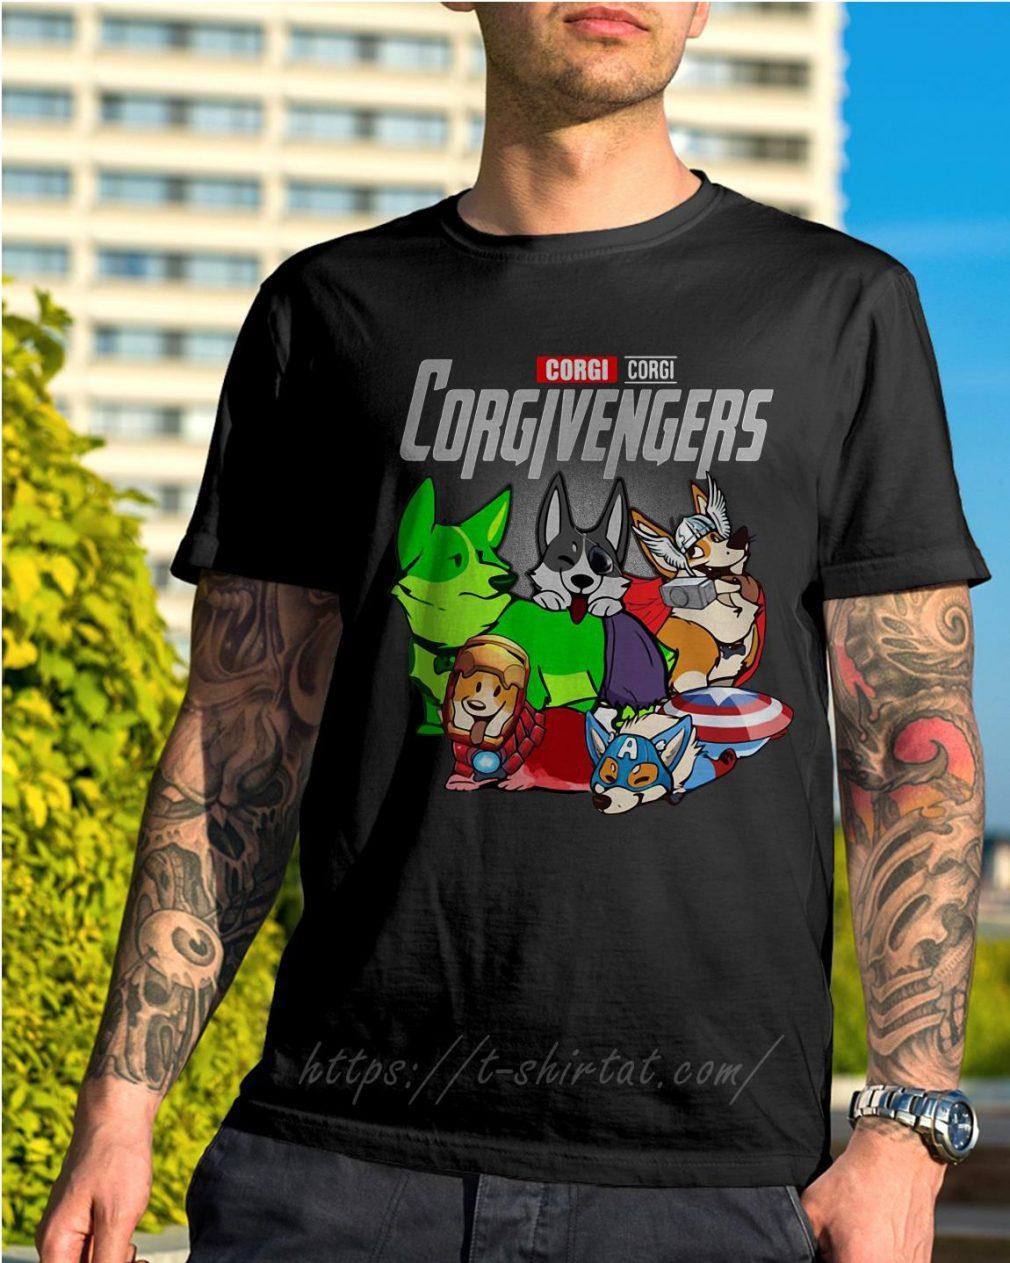 Marvel corgi Corgivengers shirt